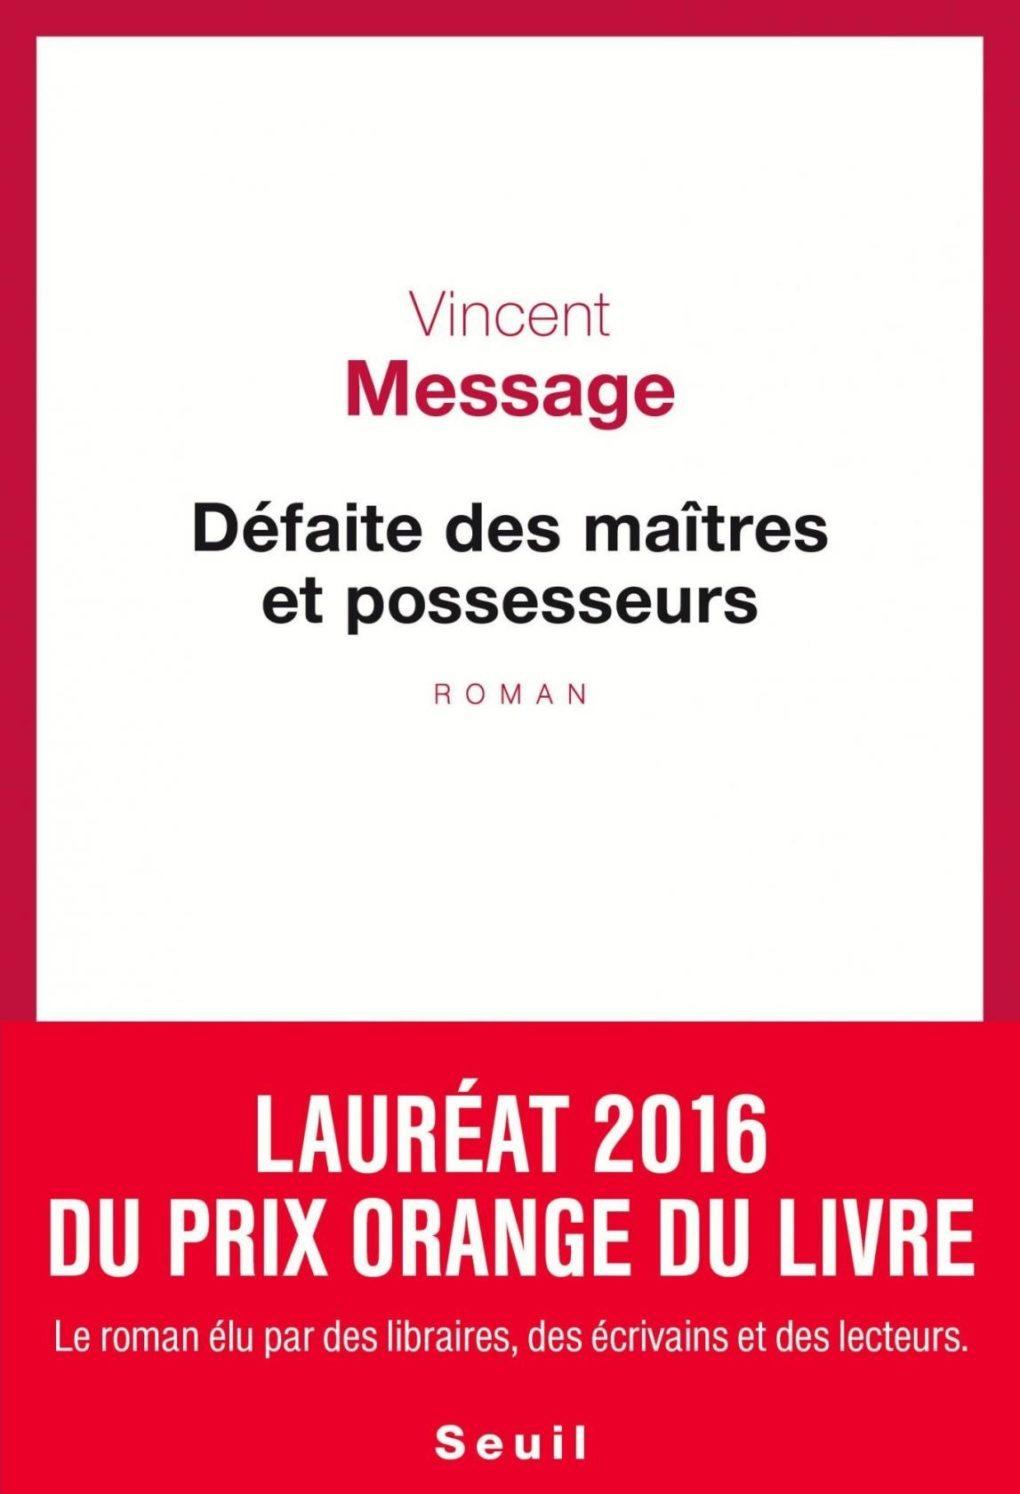 Dédicace Vincent Message Lisieux